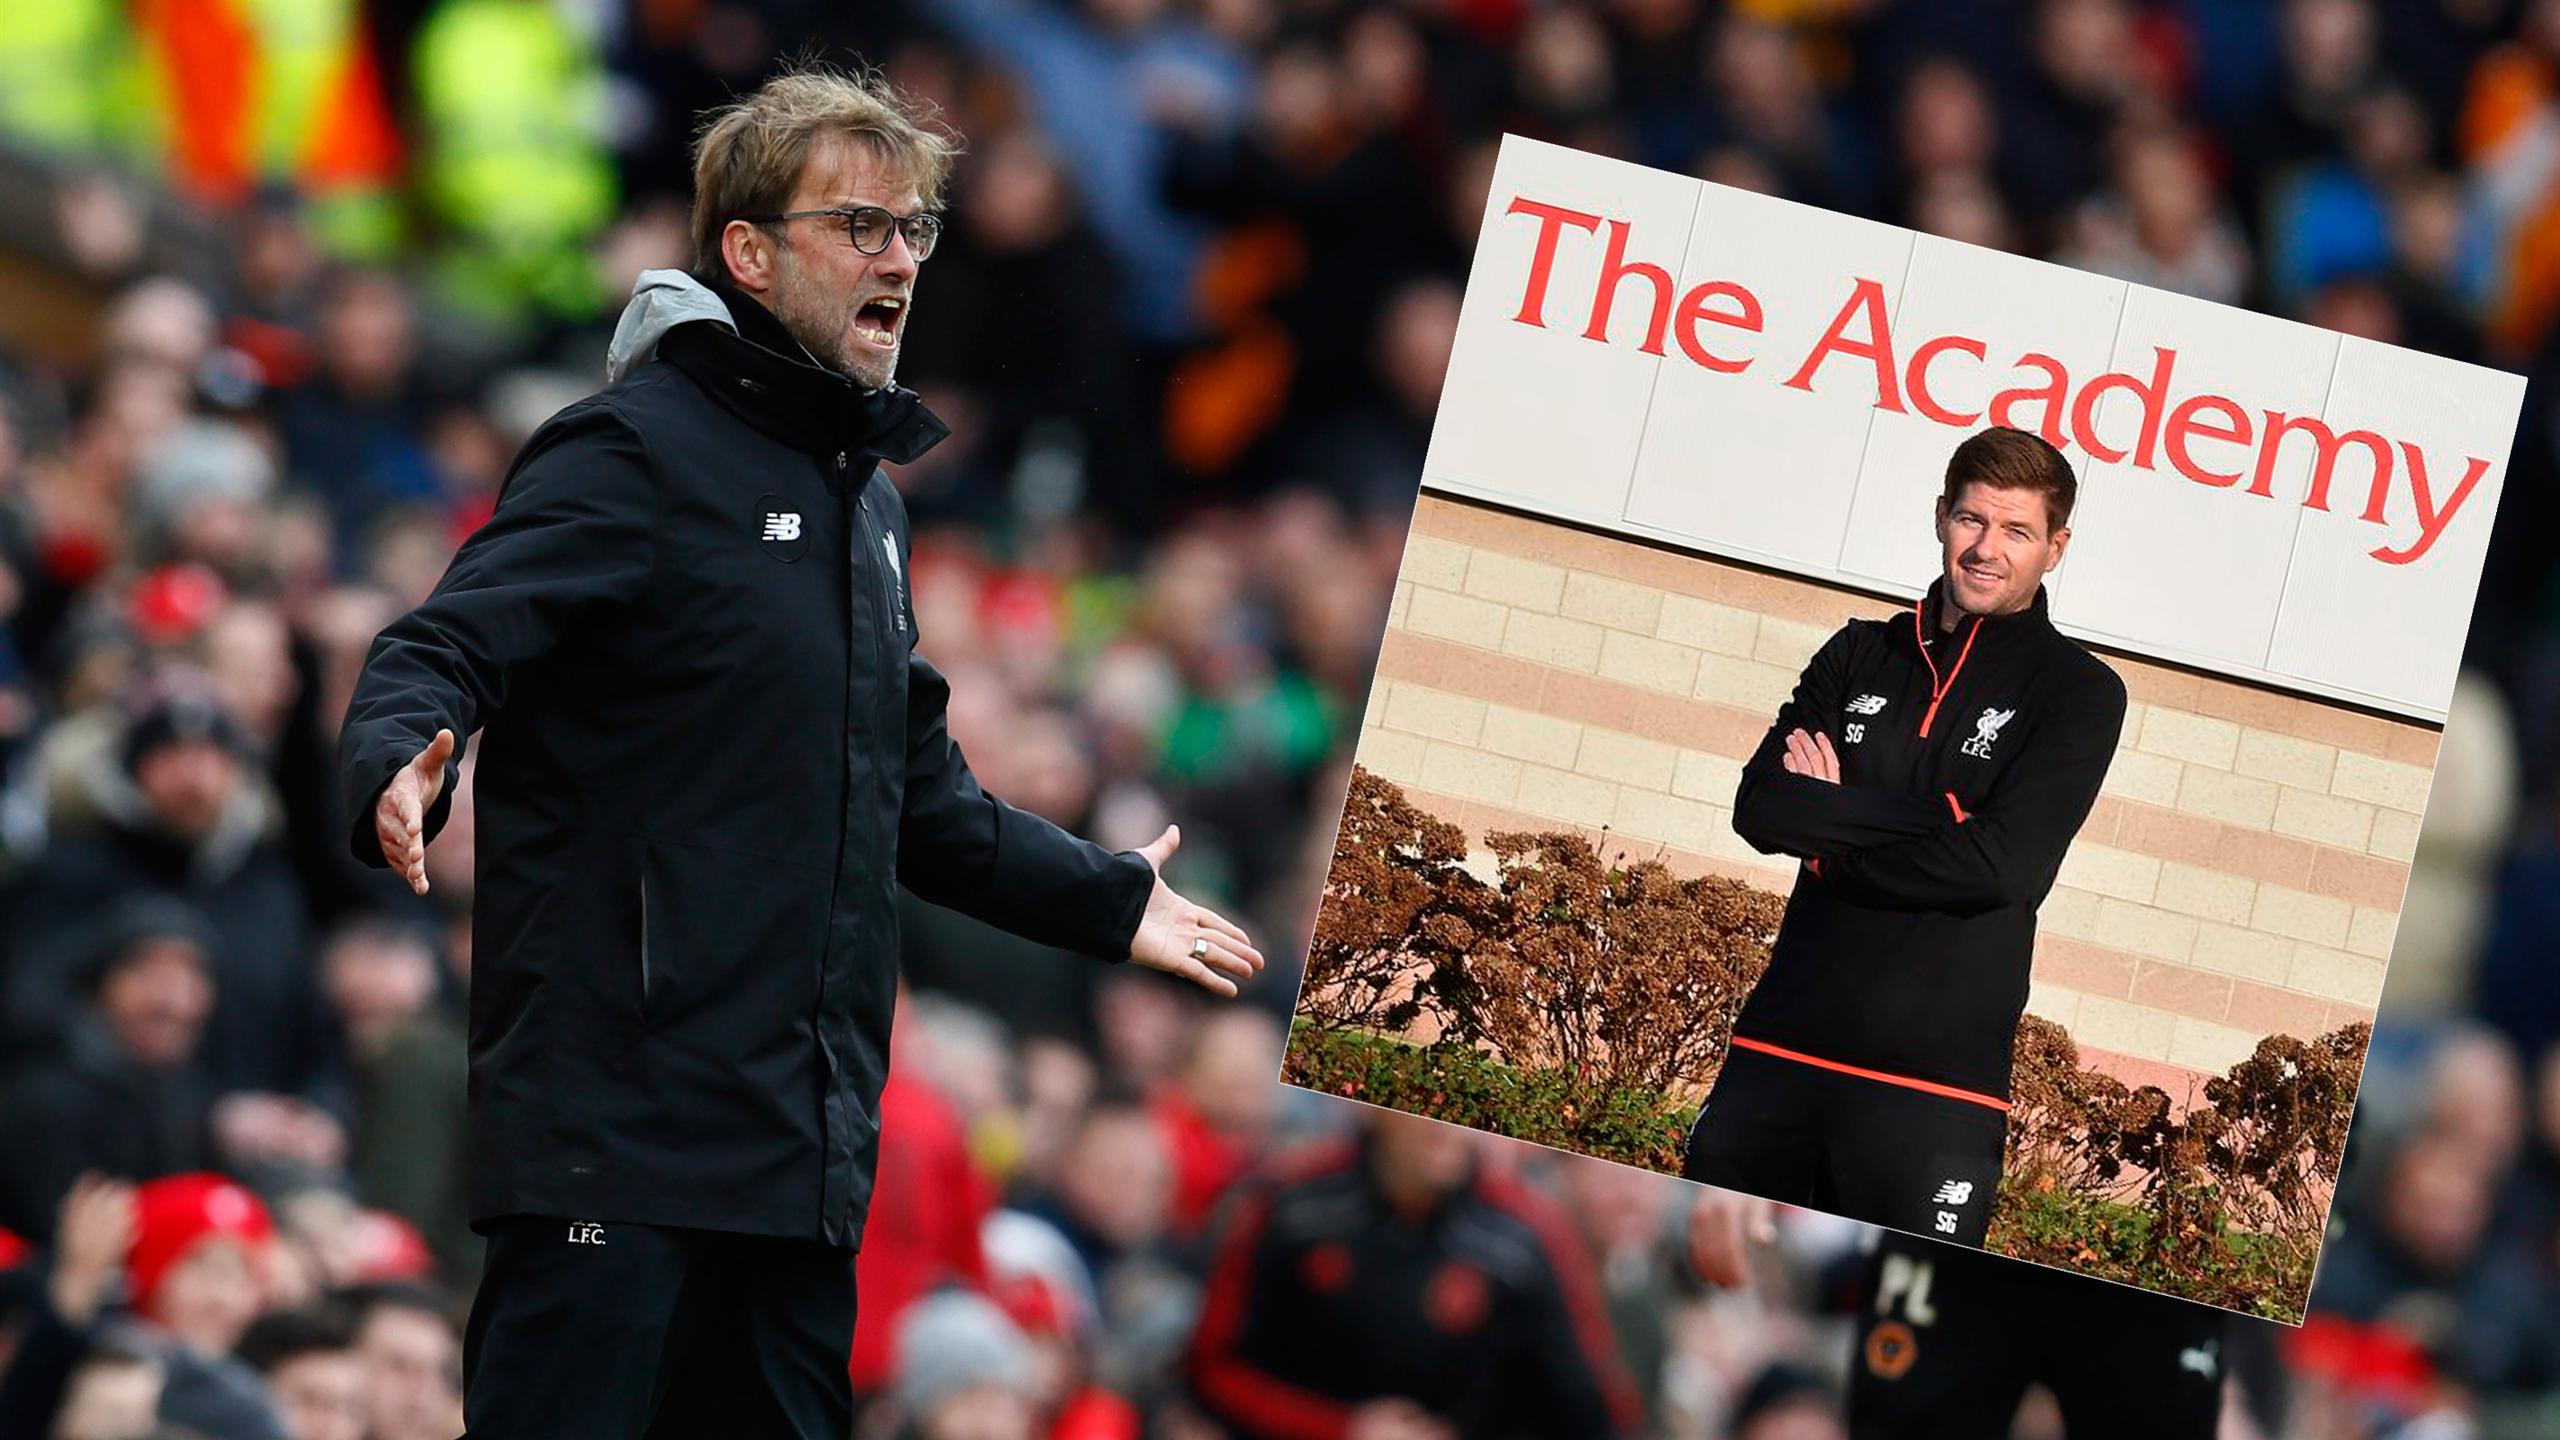 Liverpool boss Jurgen Klopp and club legend Steven Gerrard